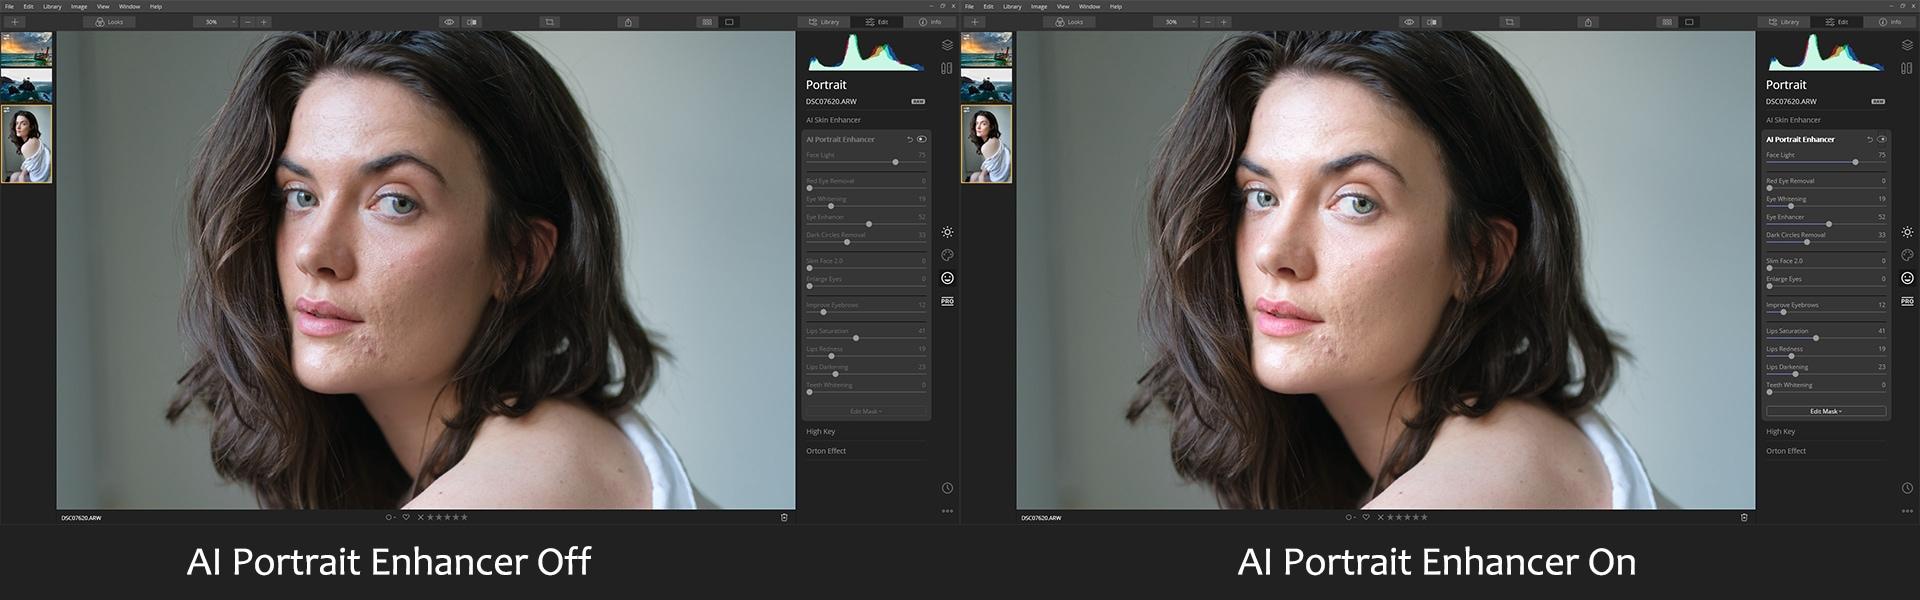 AI Portrait Enhancer